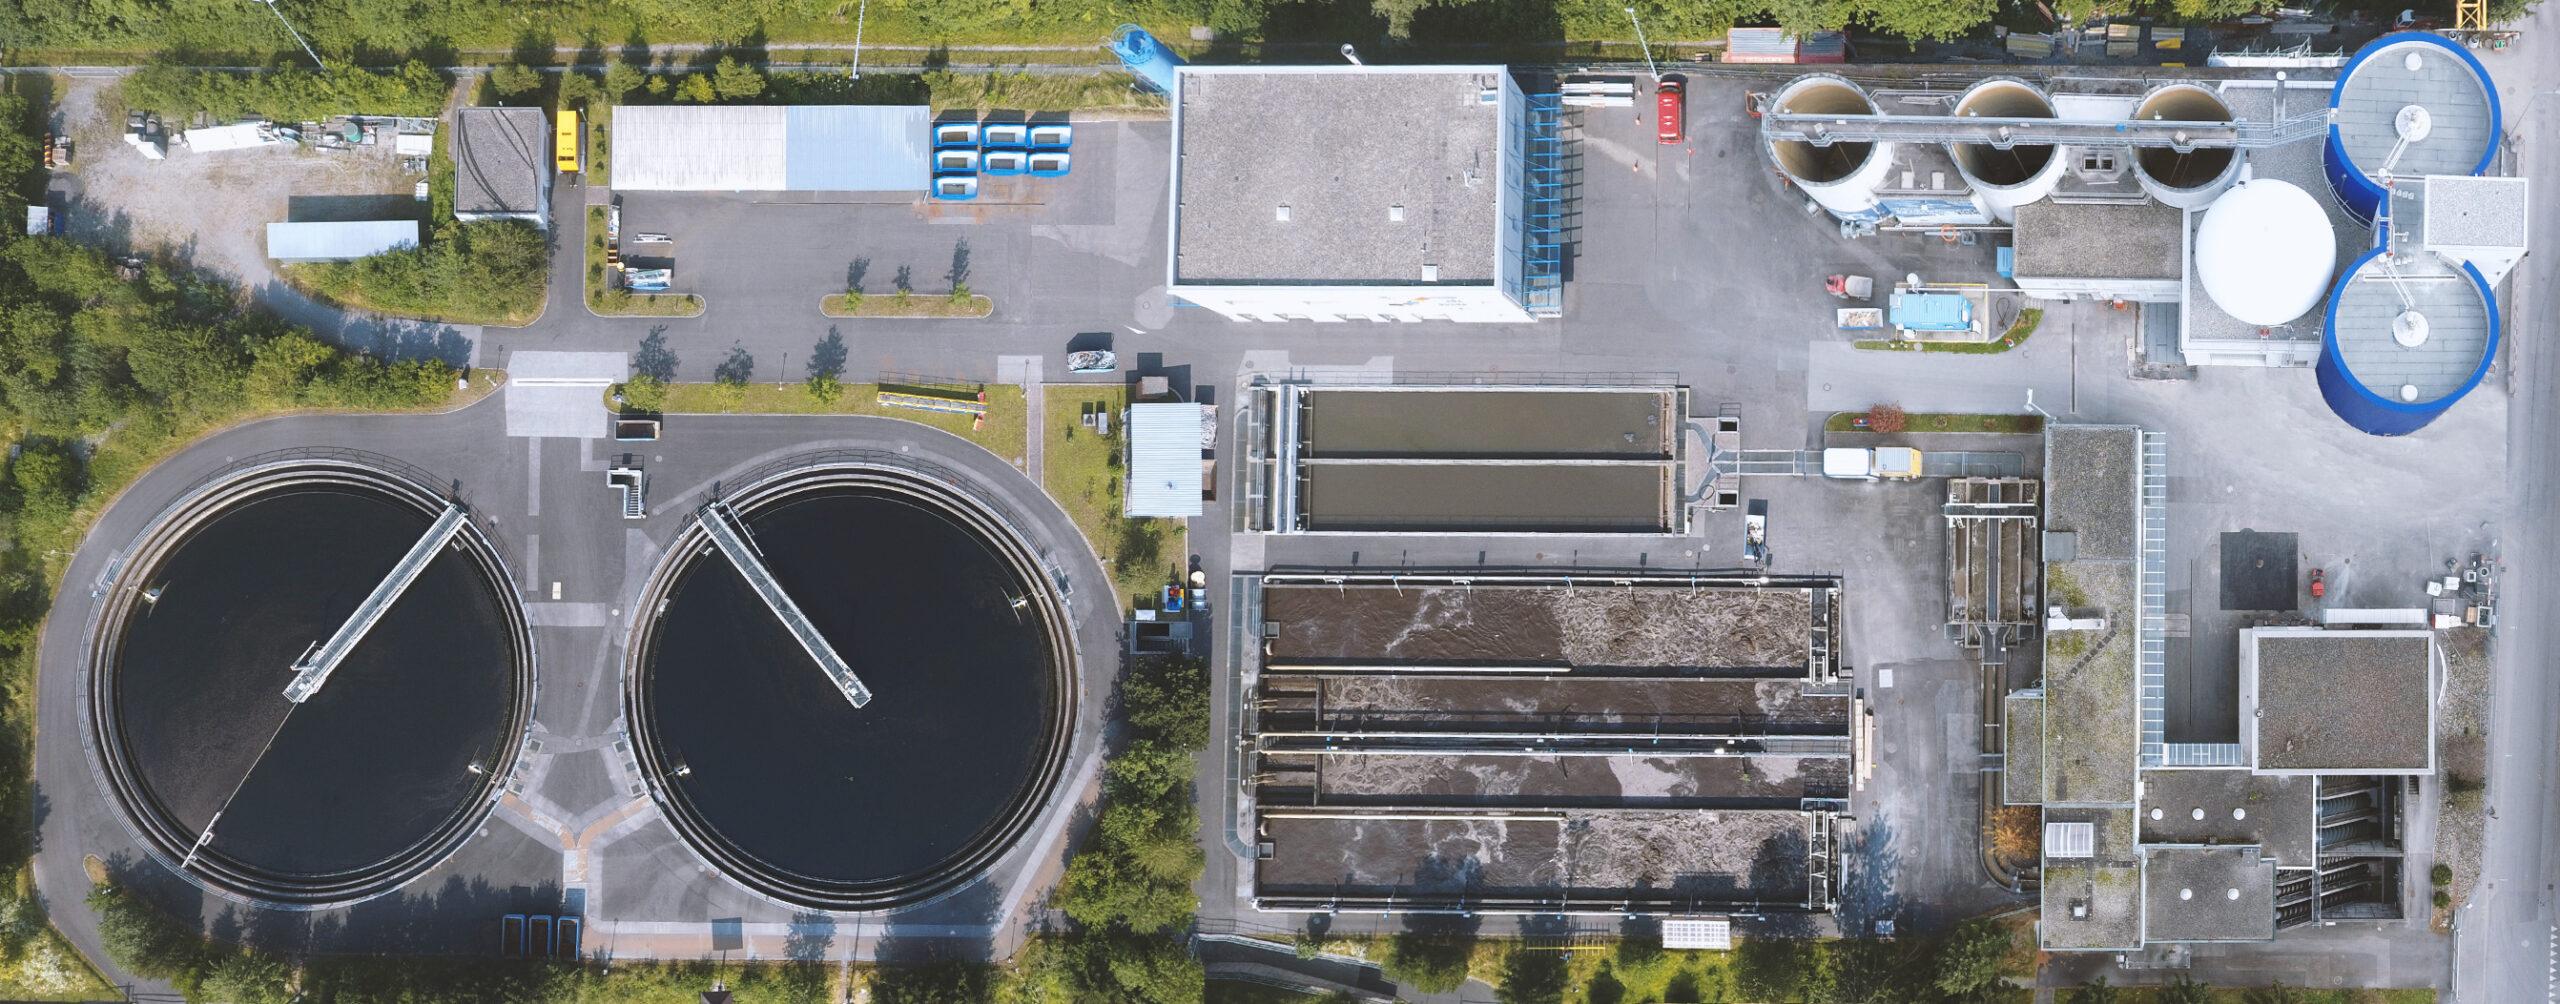 Gesamtanlage Abwasserverband Buchs Sevelen Grabs Abwasserreinigungsanlage